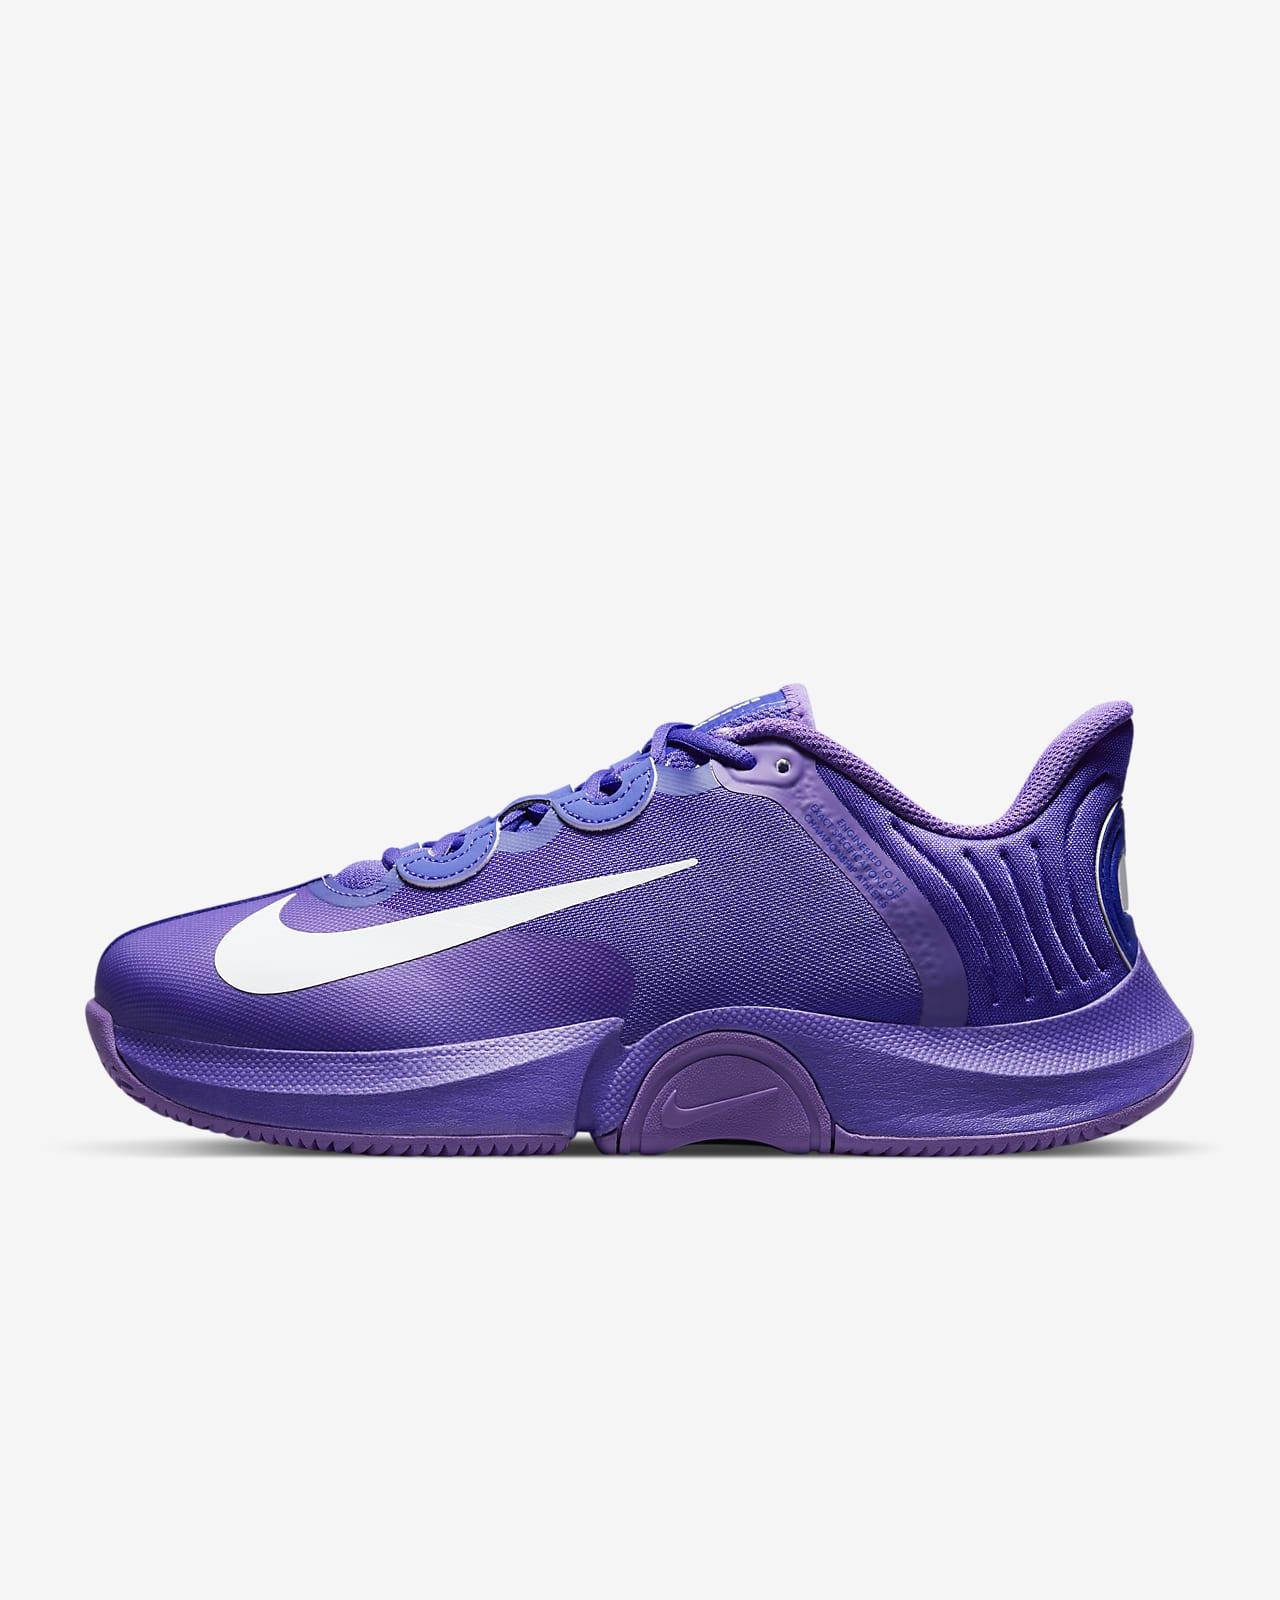 Chaussure de tennis pour surface dure NikeCourt Air Zoom GP Turbo Naomi Osaka pour Femme